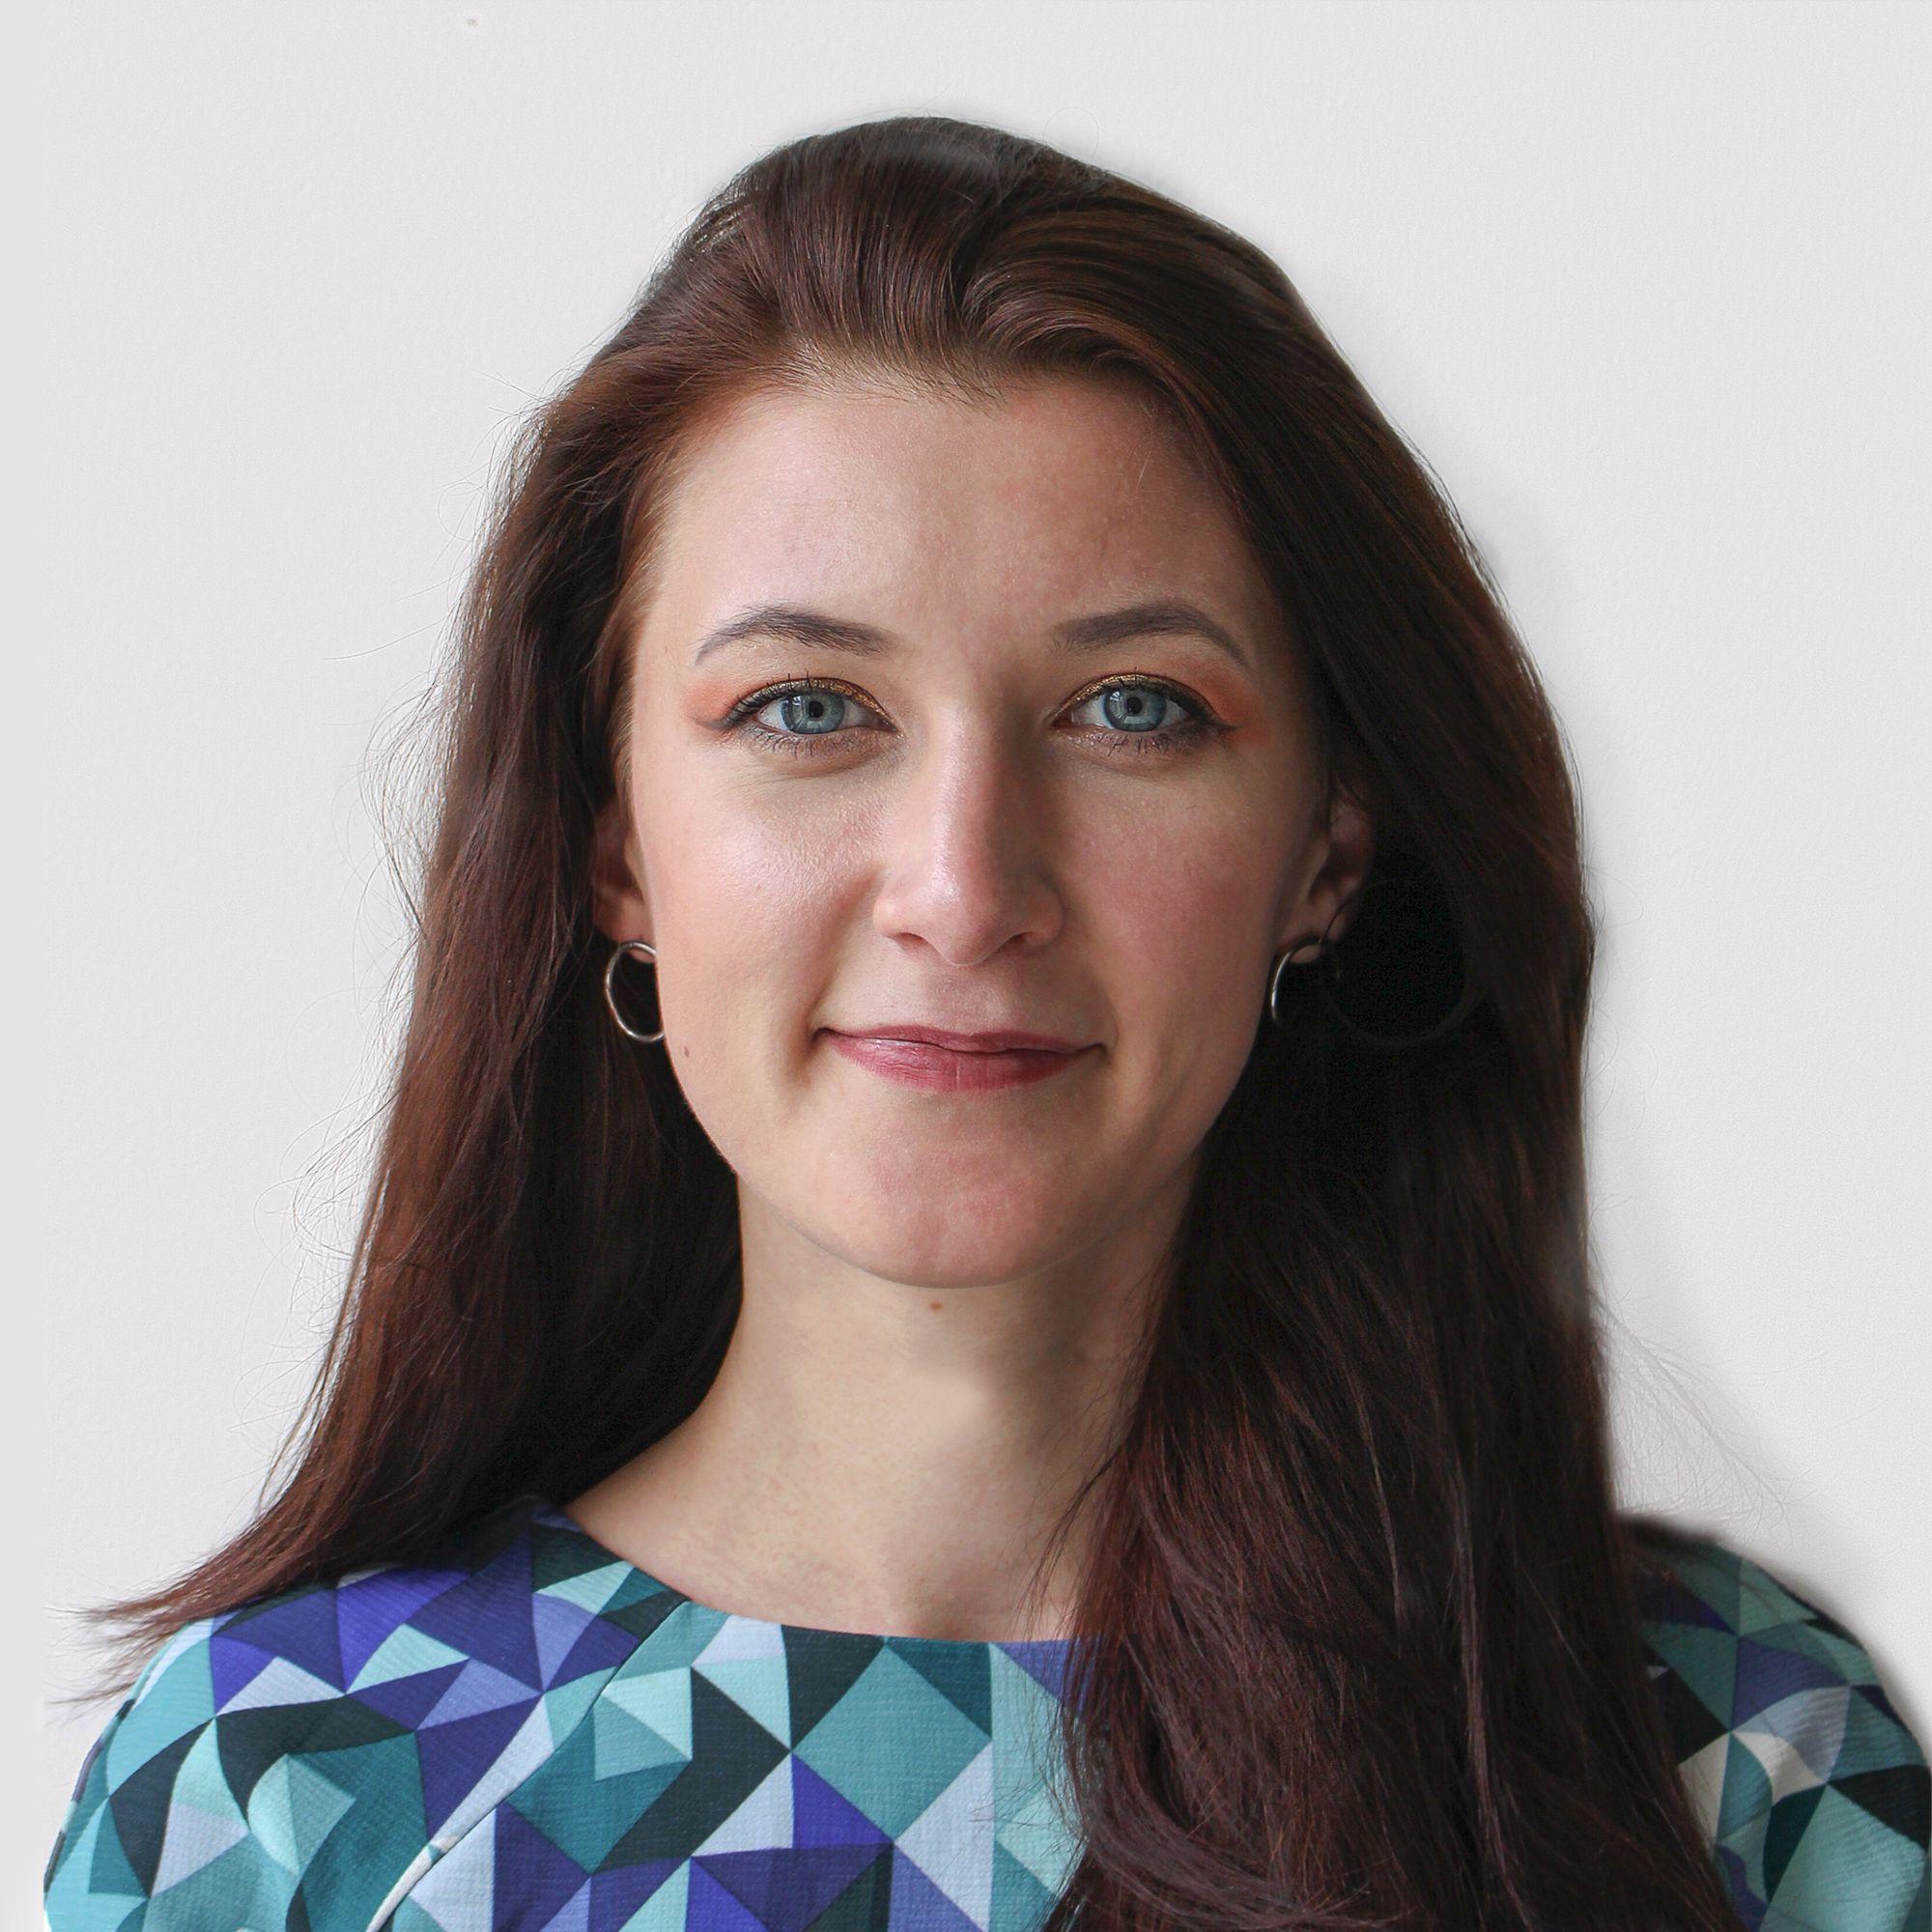 Natasha Lekh